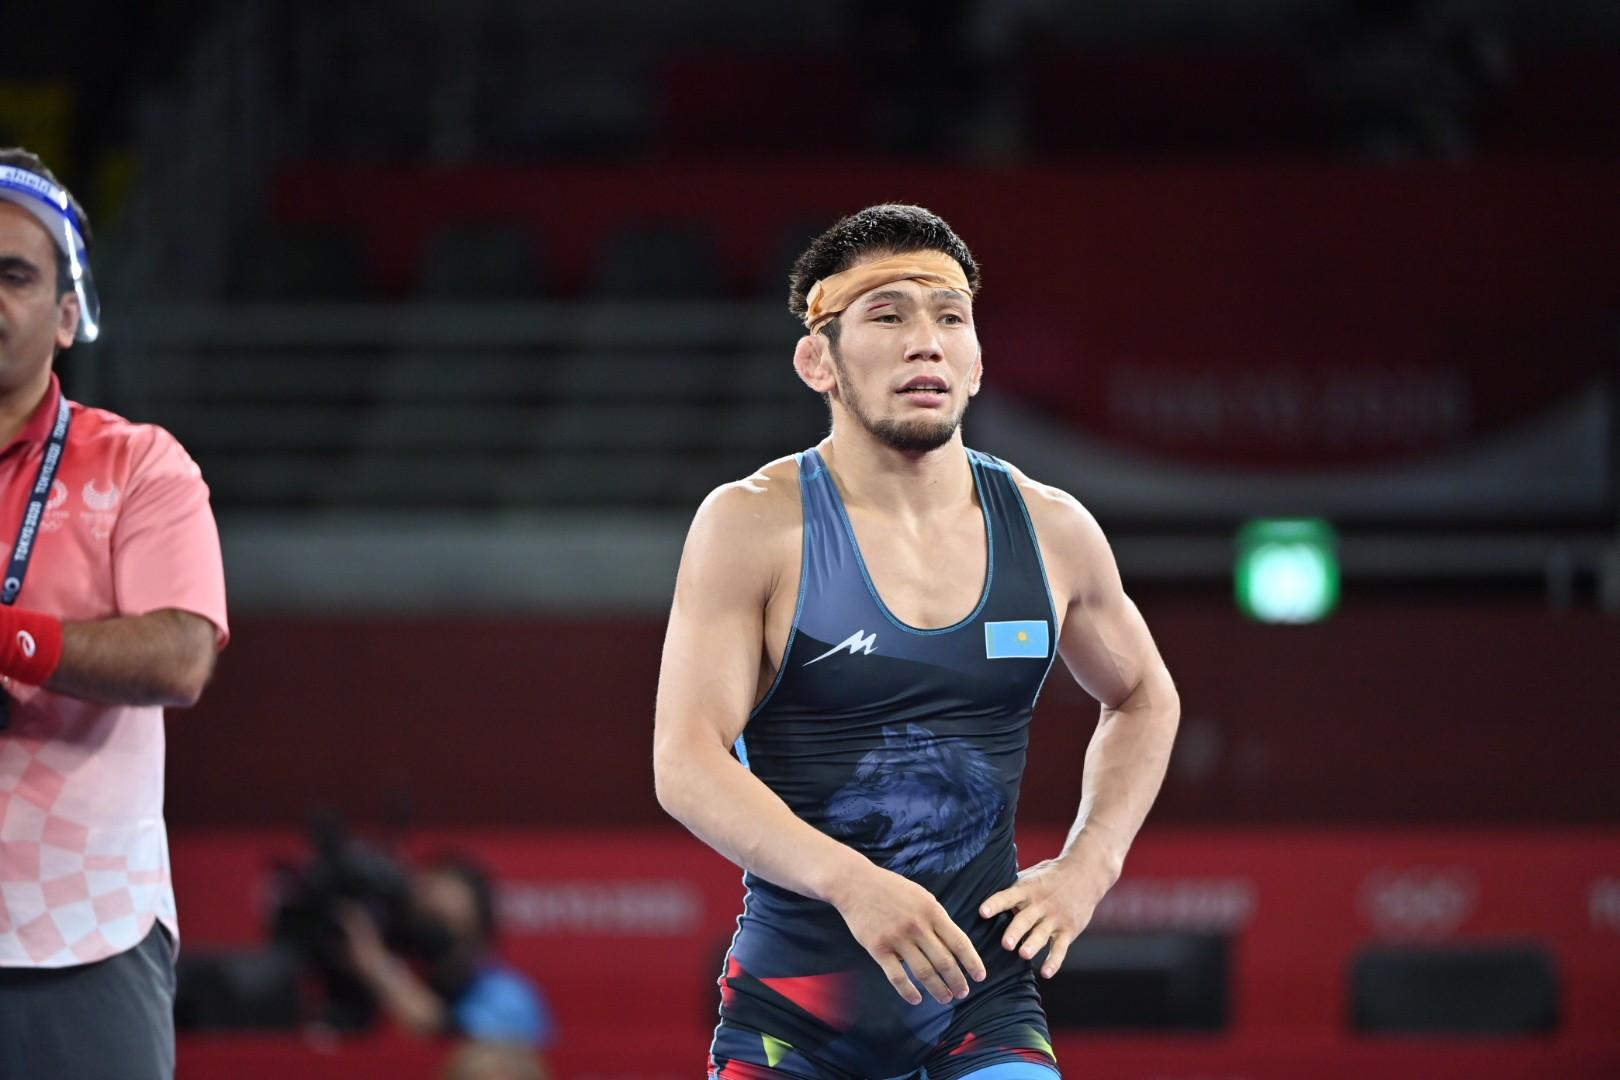 Нұрислам Санаев еркін күрестен Токио Олимпиадасының қола жүлдегері атанды